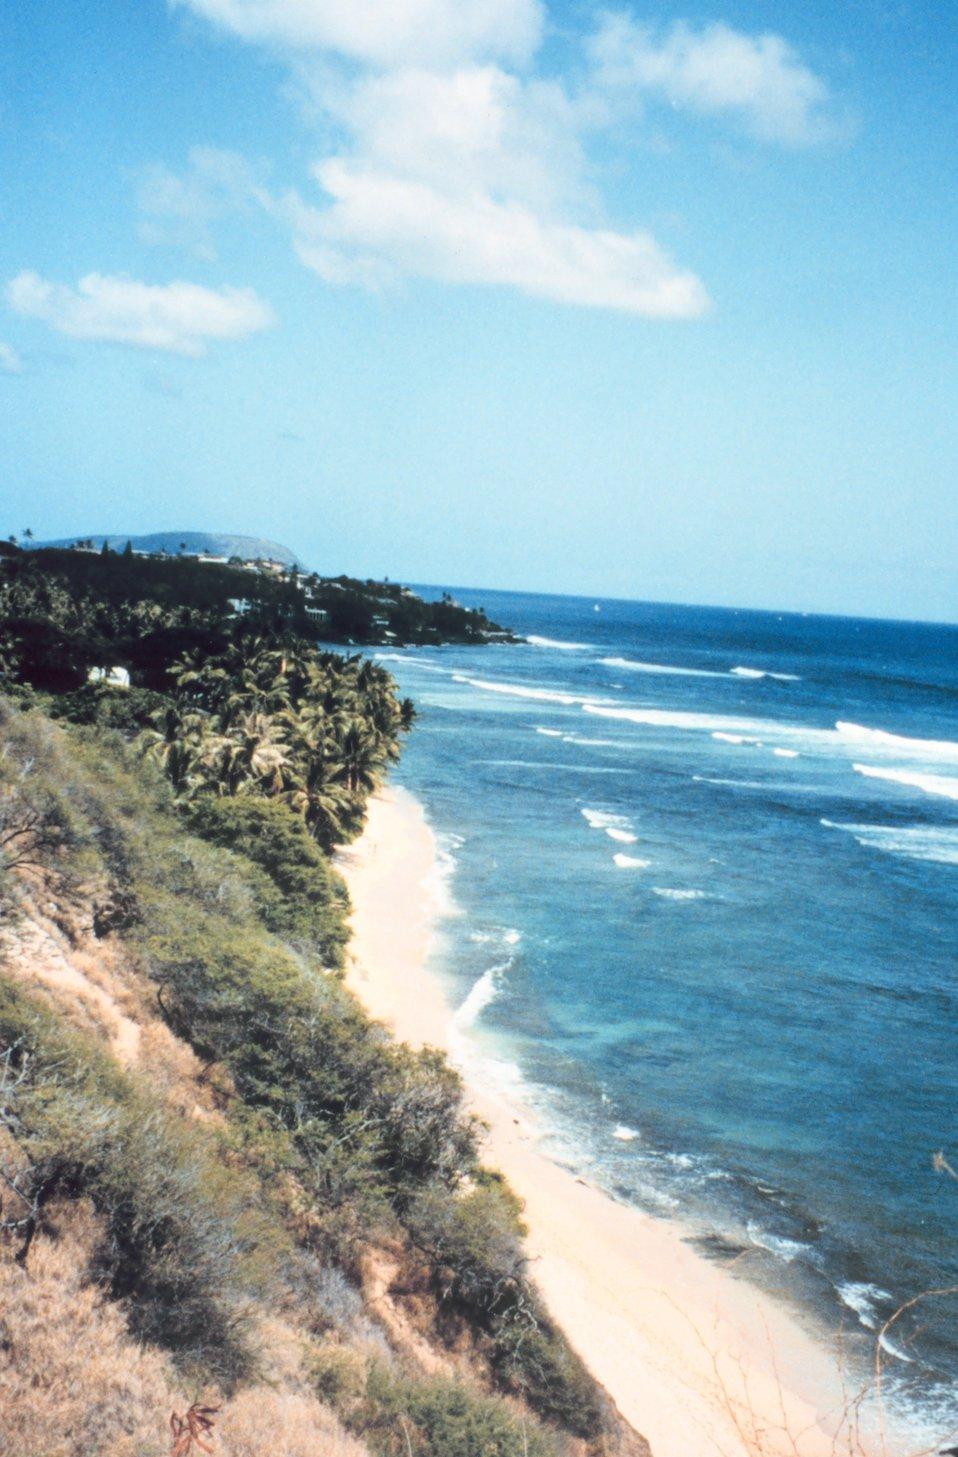 Southeast coast of Oahu